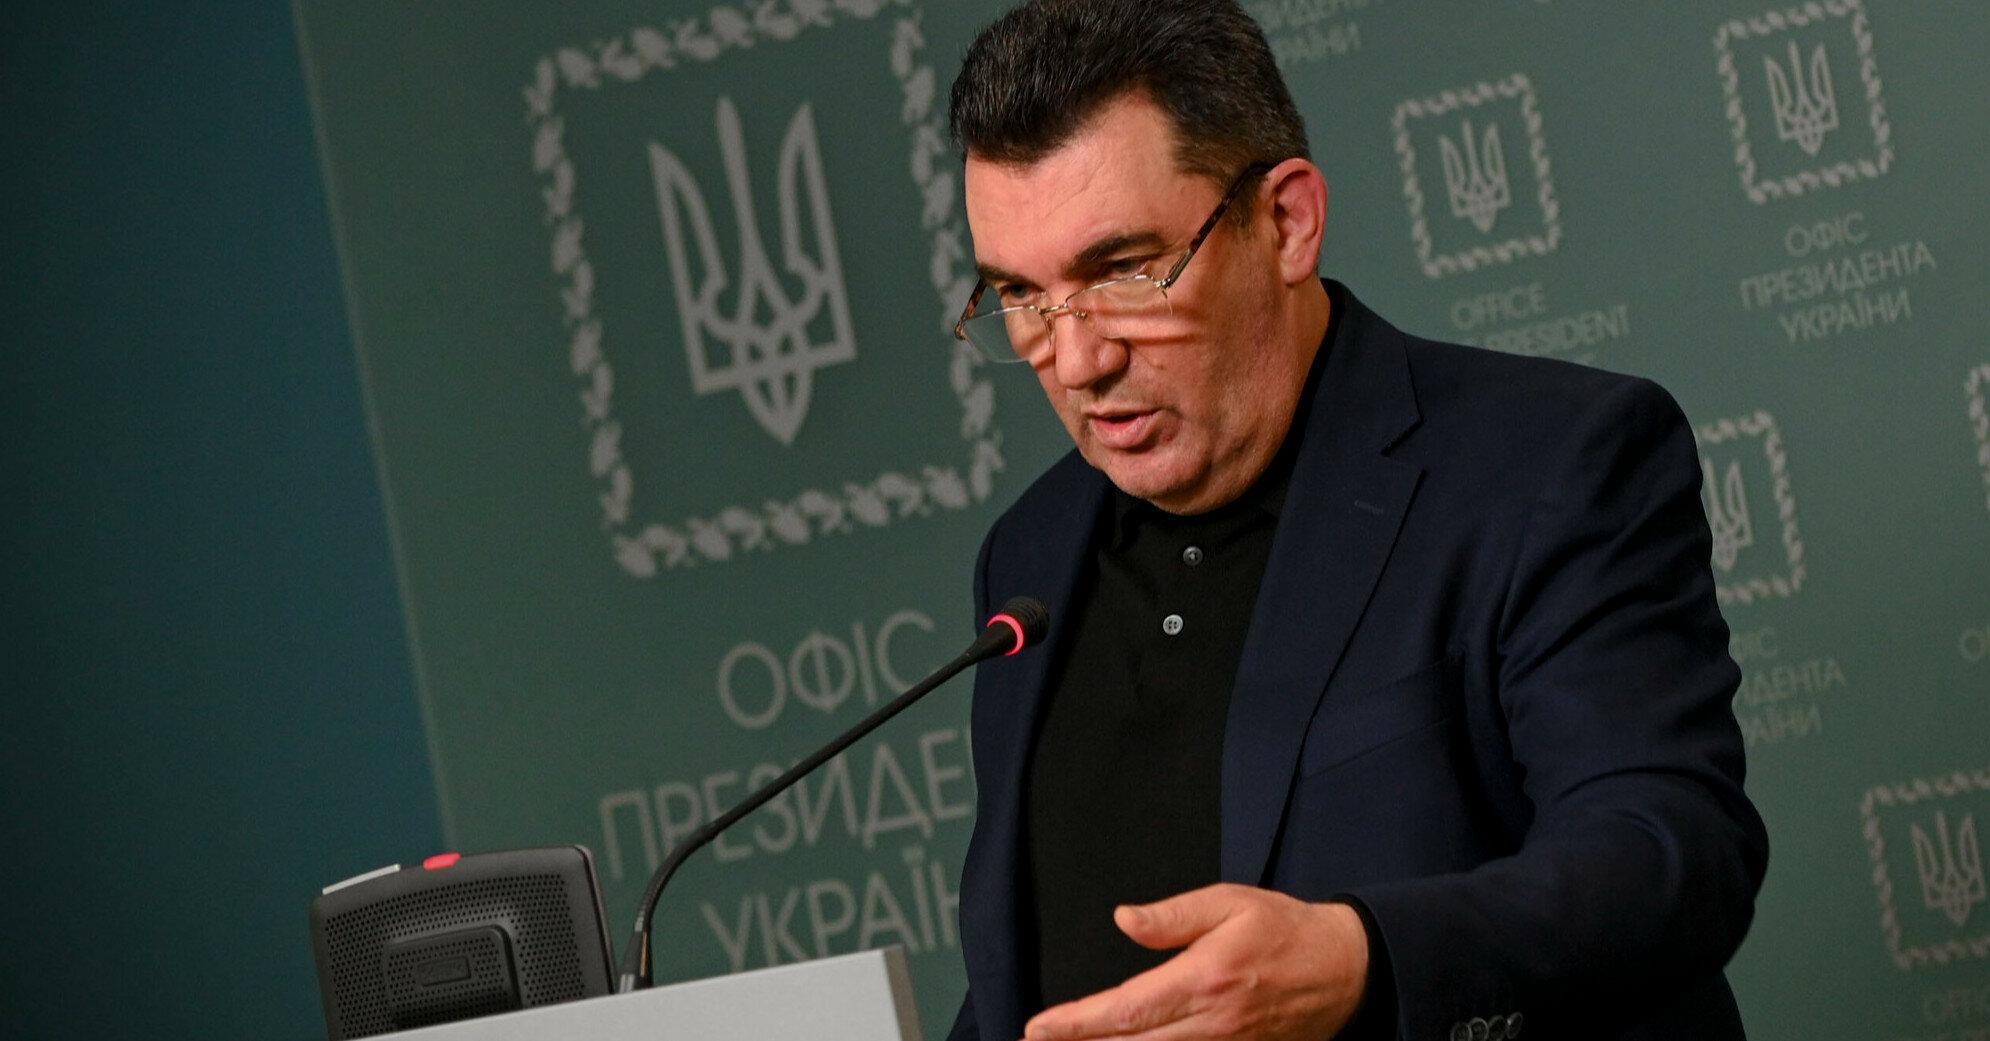 Данилов перешел на латиницу и допустил три ошибки в одном предложении